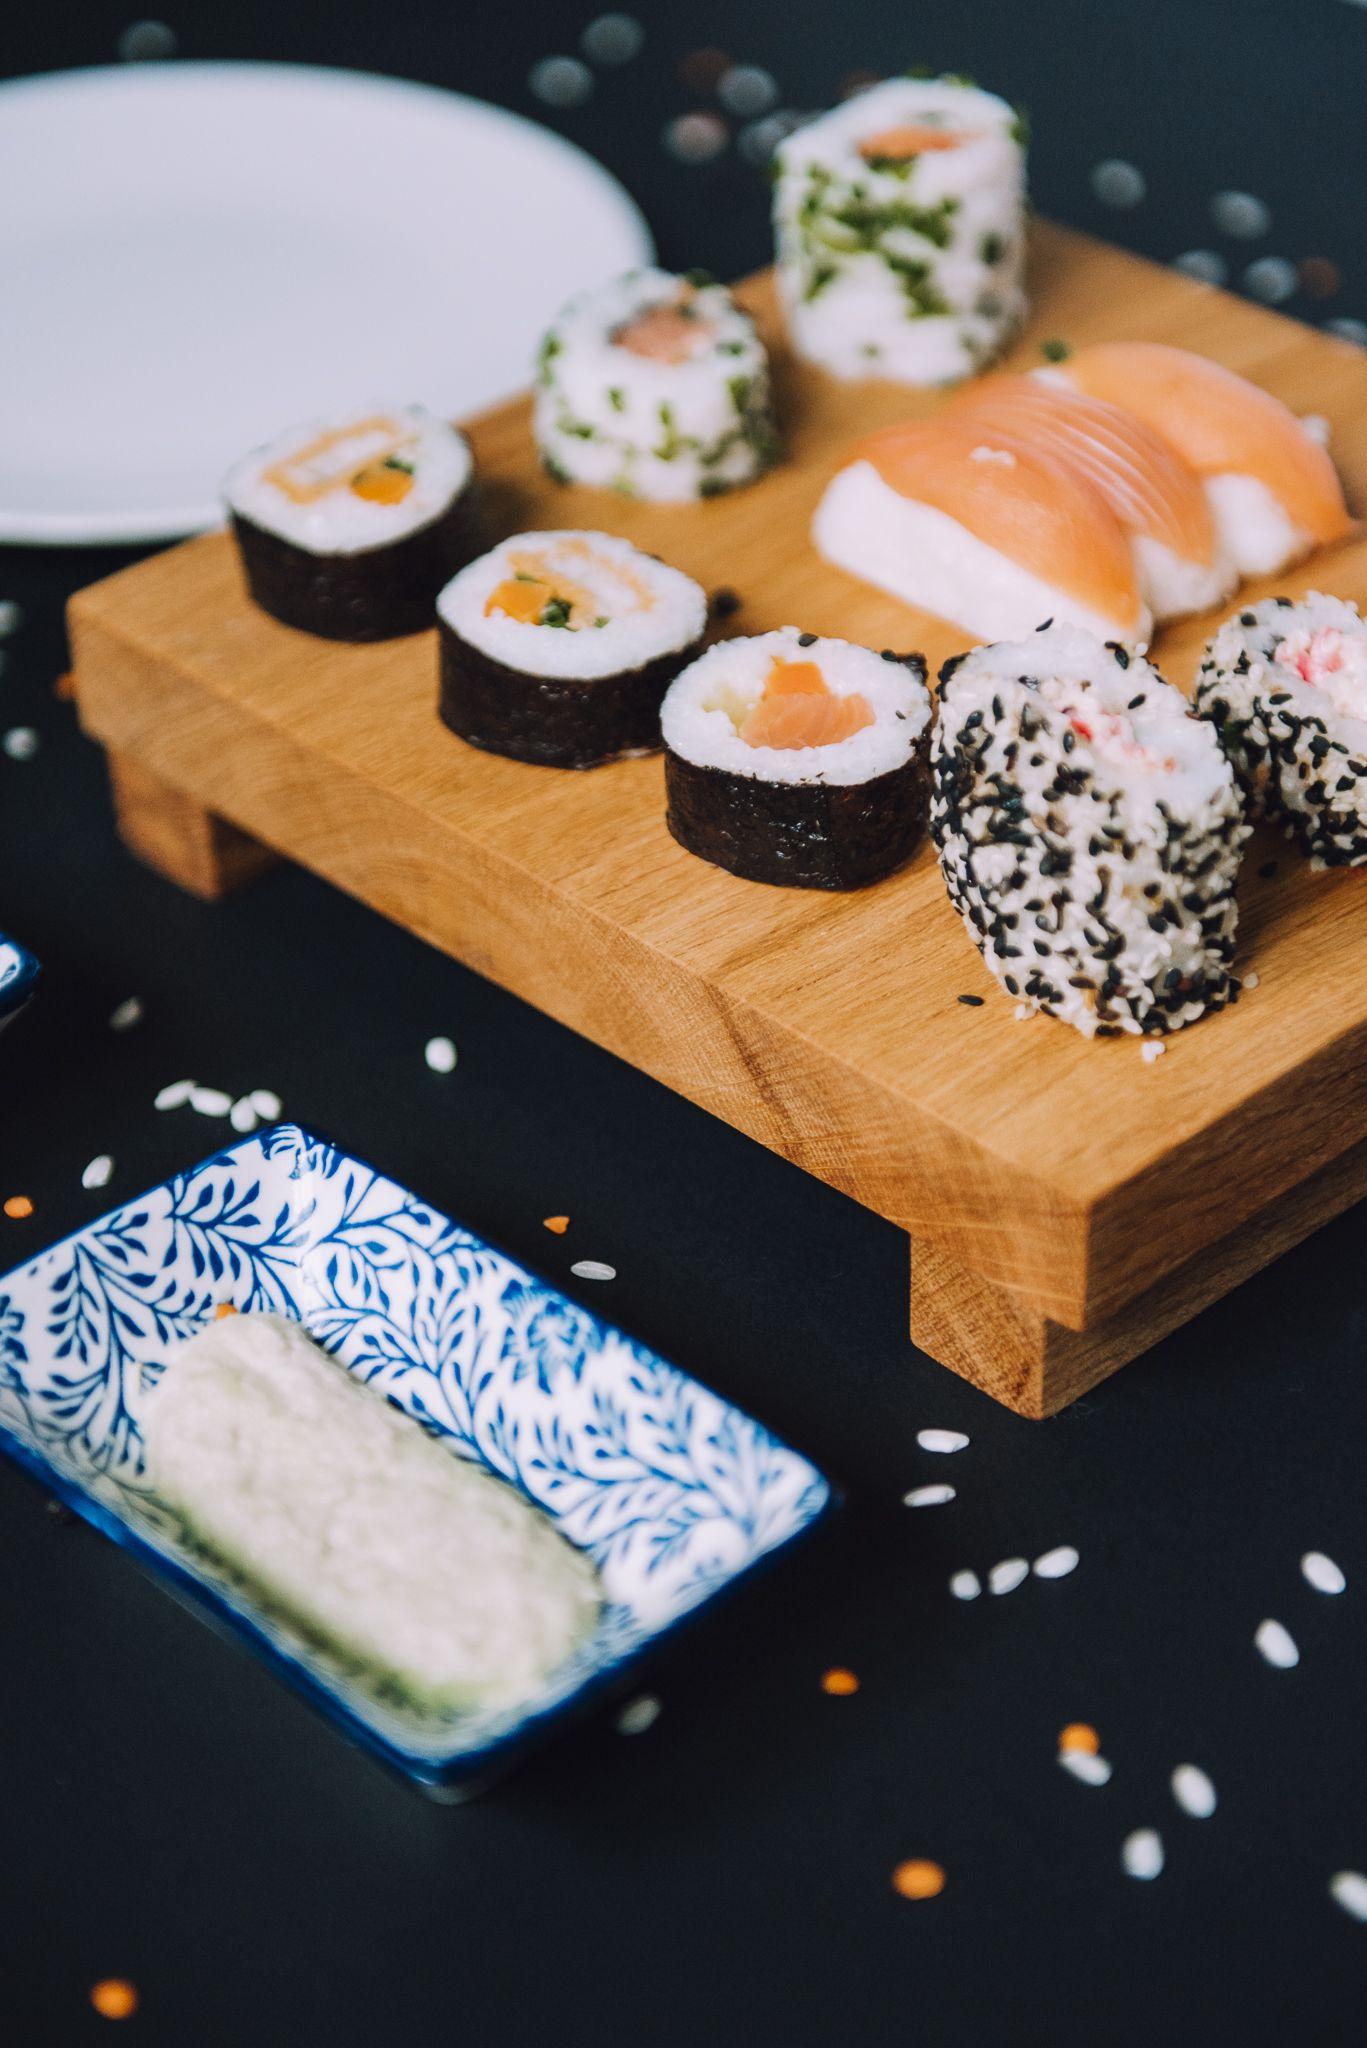 Deska Do Serwowania Sushi Sushi Przystawki I Dekoracje Do Domu